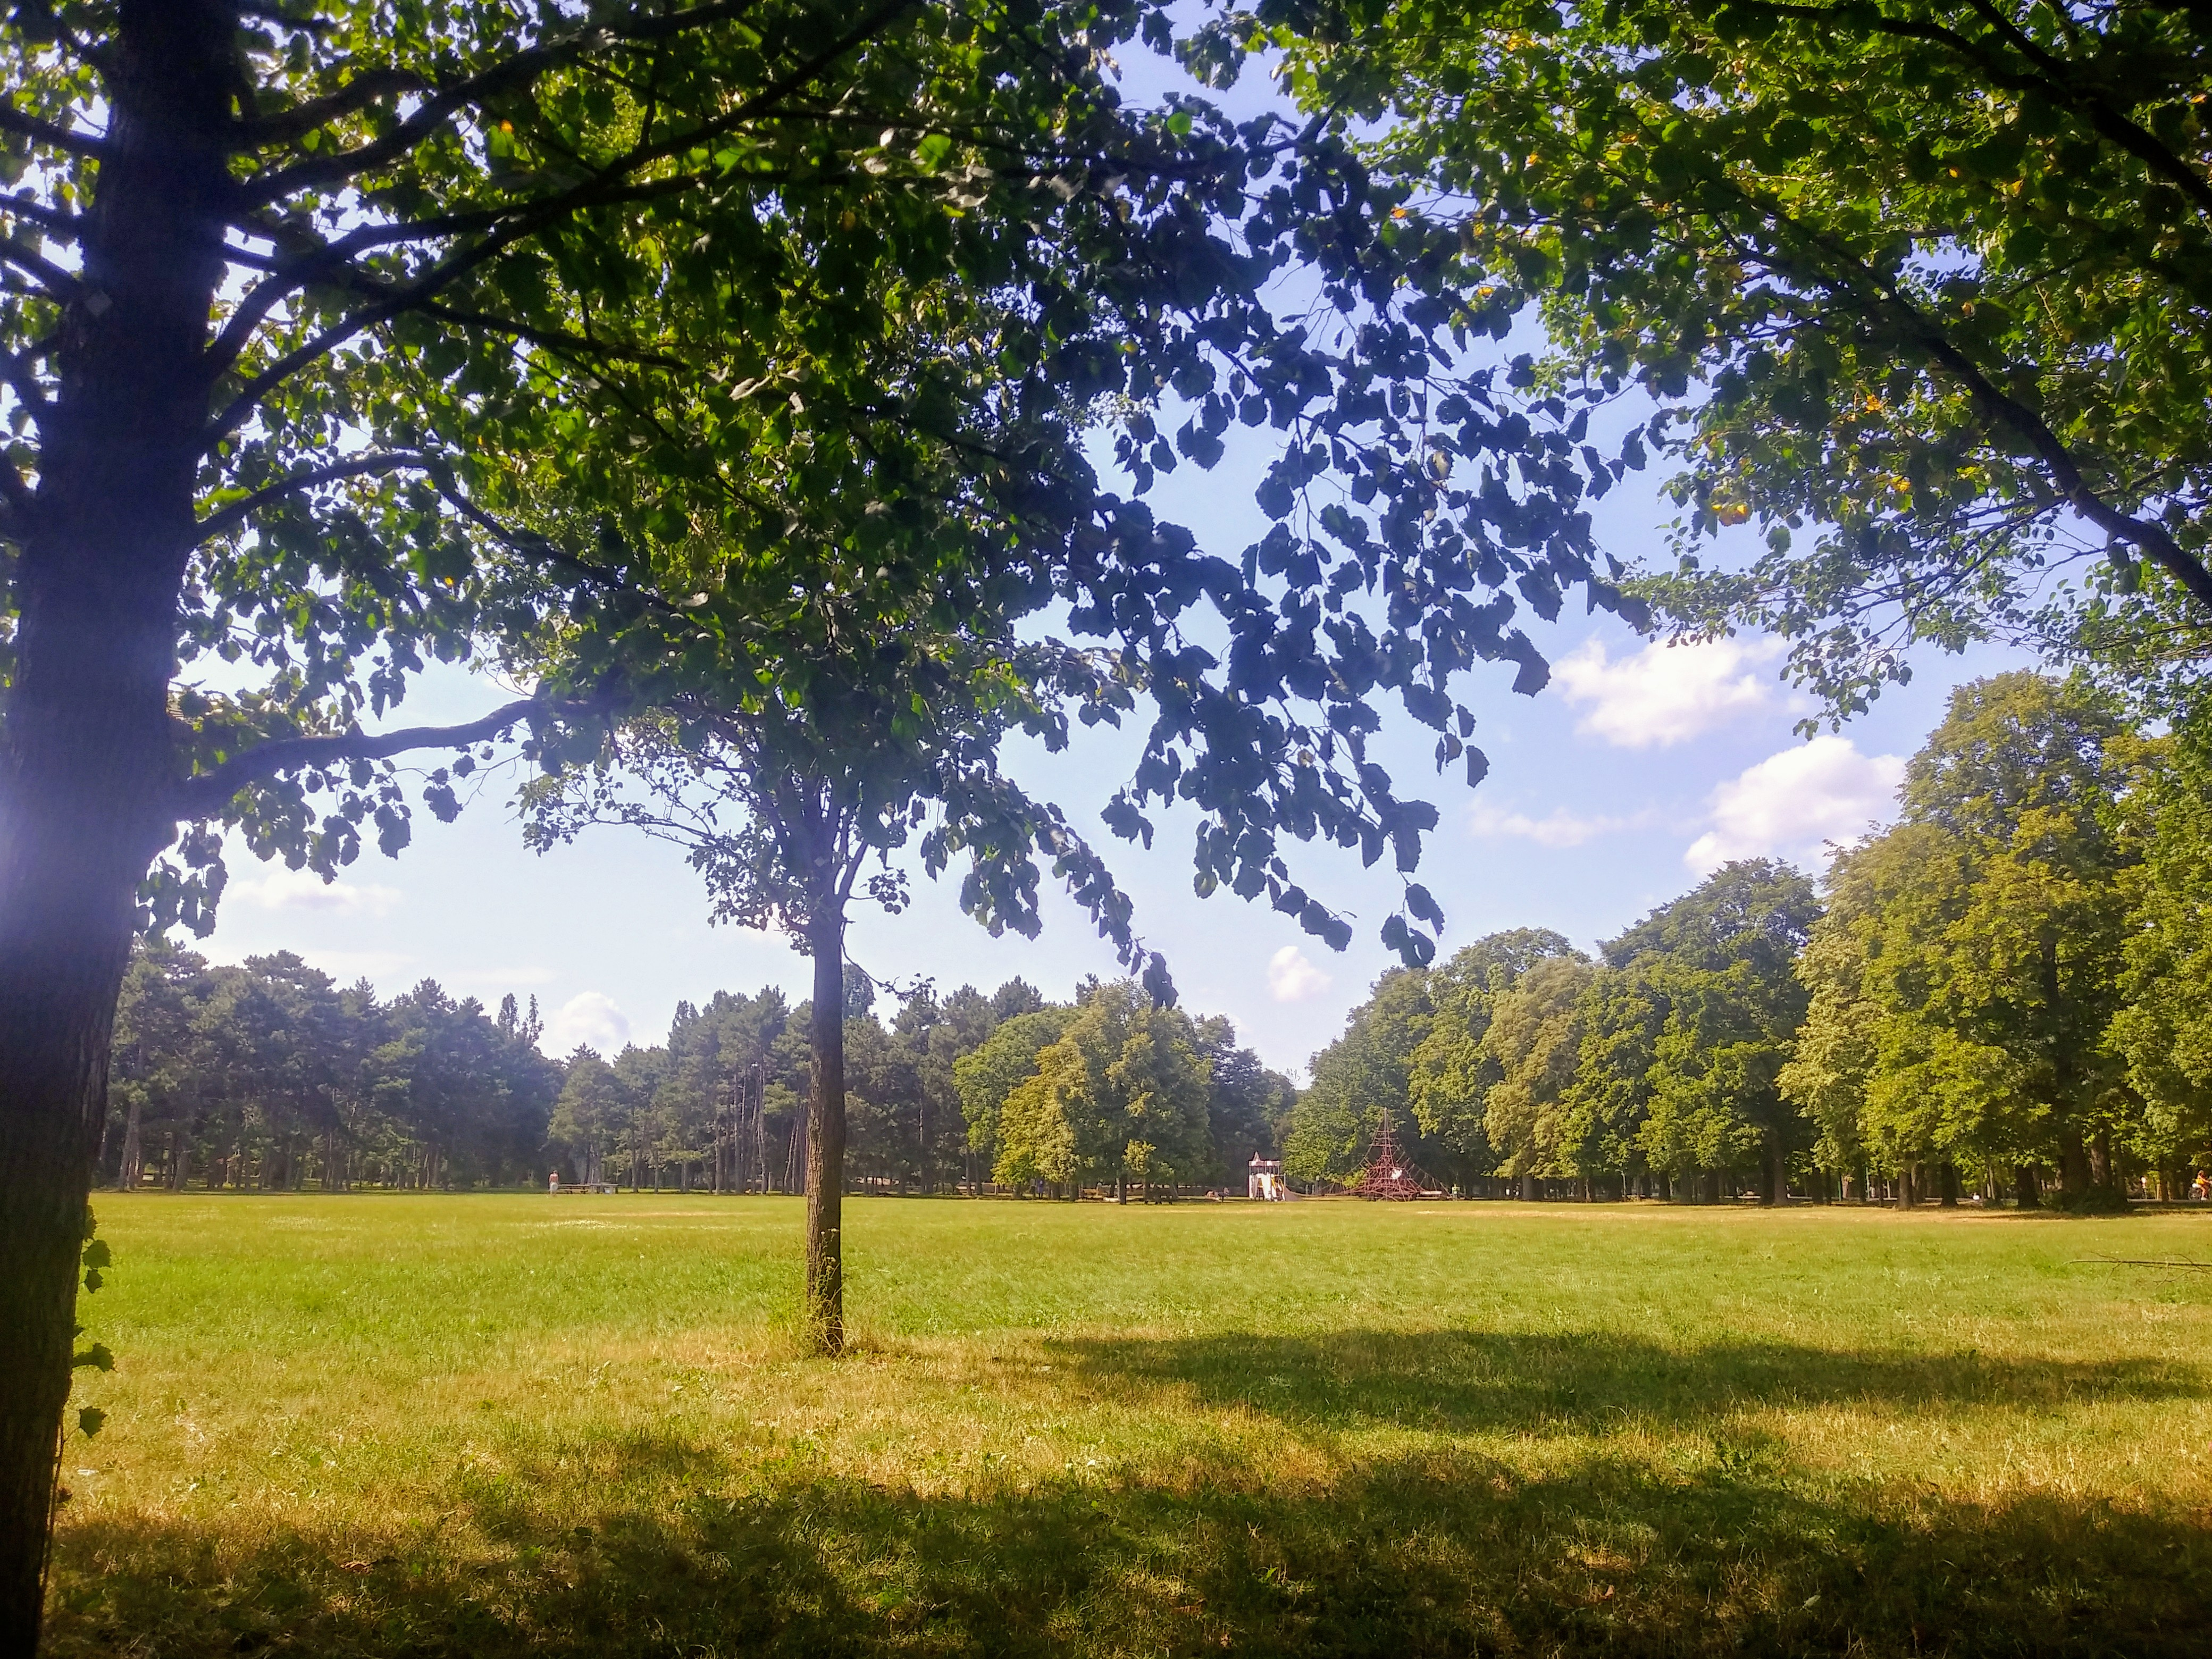 Grün so weit das Auge reicht. Ungestörtes Naturerlebnis gibt es hier an allen Ecken und Enden.